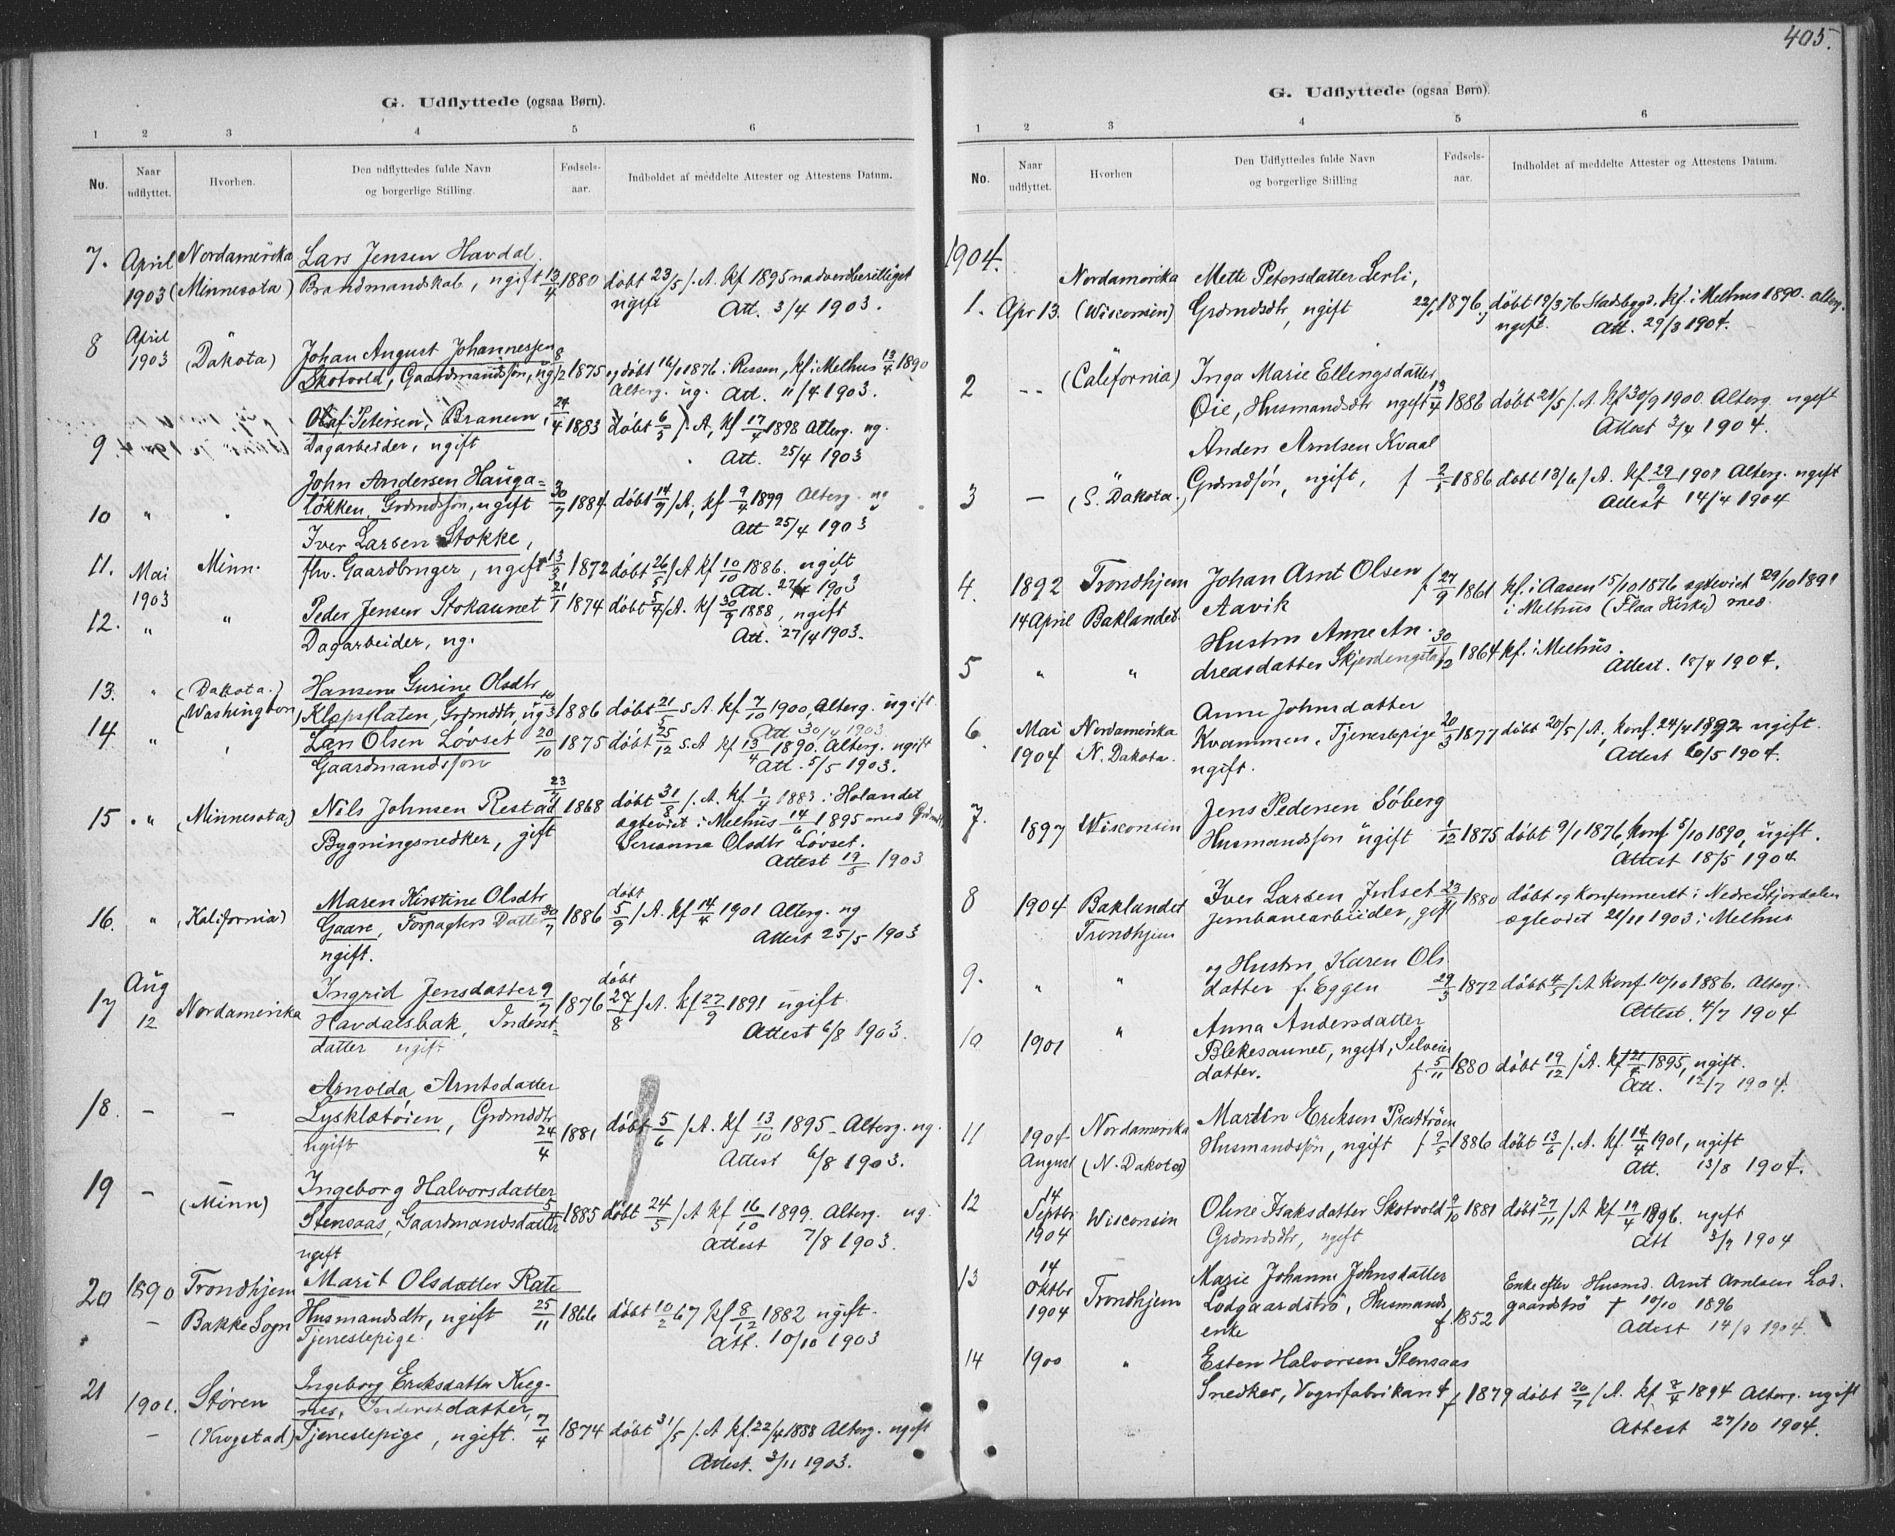 SAT, Ministerialprotokoller, klokkerbøker og fødselsregistre - Sør-Trøndelag, 691/L1085: Ministerialbok nr. 691A17, 1887-1908, s. 405